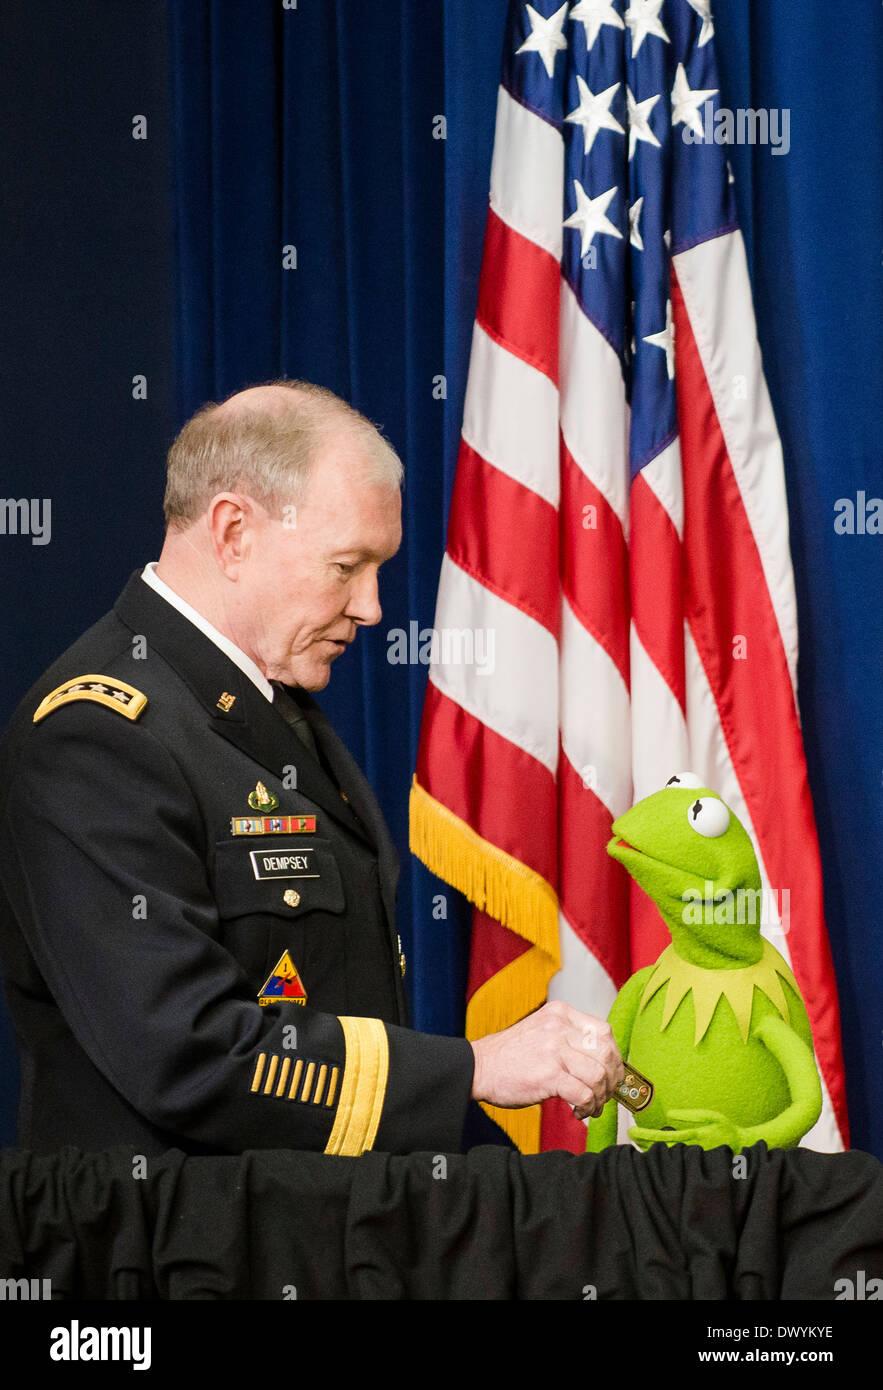 US Joint Chiefs Président Général Martin Dempsey présente Kermit la grenouille avec une pièce de service comme ils se félicitent de familles militaires pour un film projection du nouveau film Les Muppets, 'Muppets Most Wanted', à la Maison Blanche le 12 mars 2014 à Washington, DC. Photo Stock